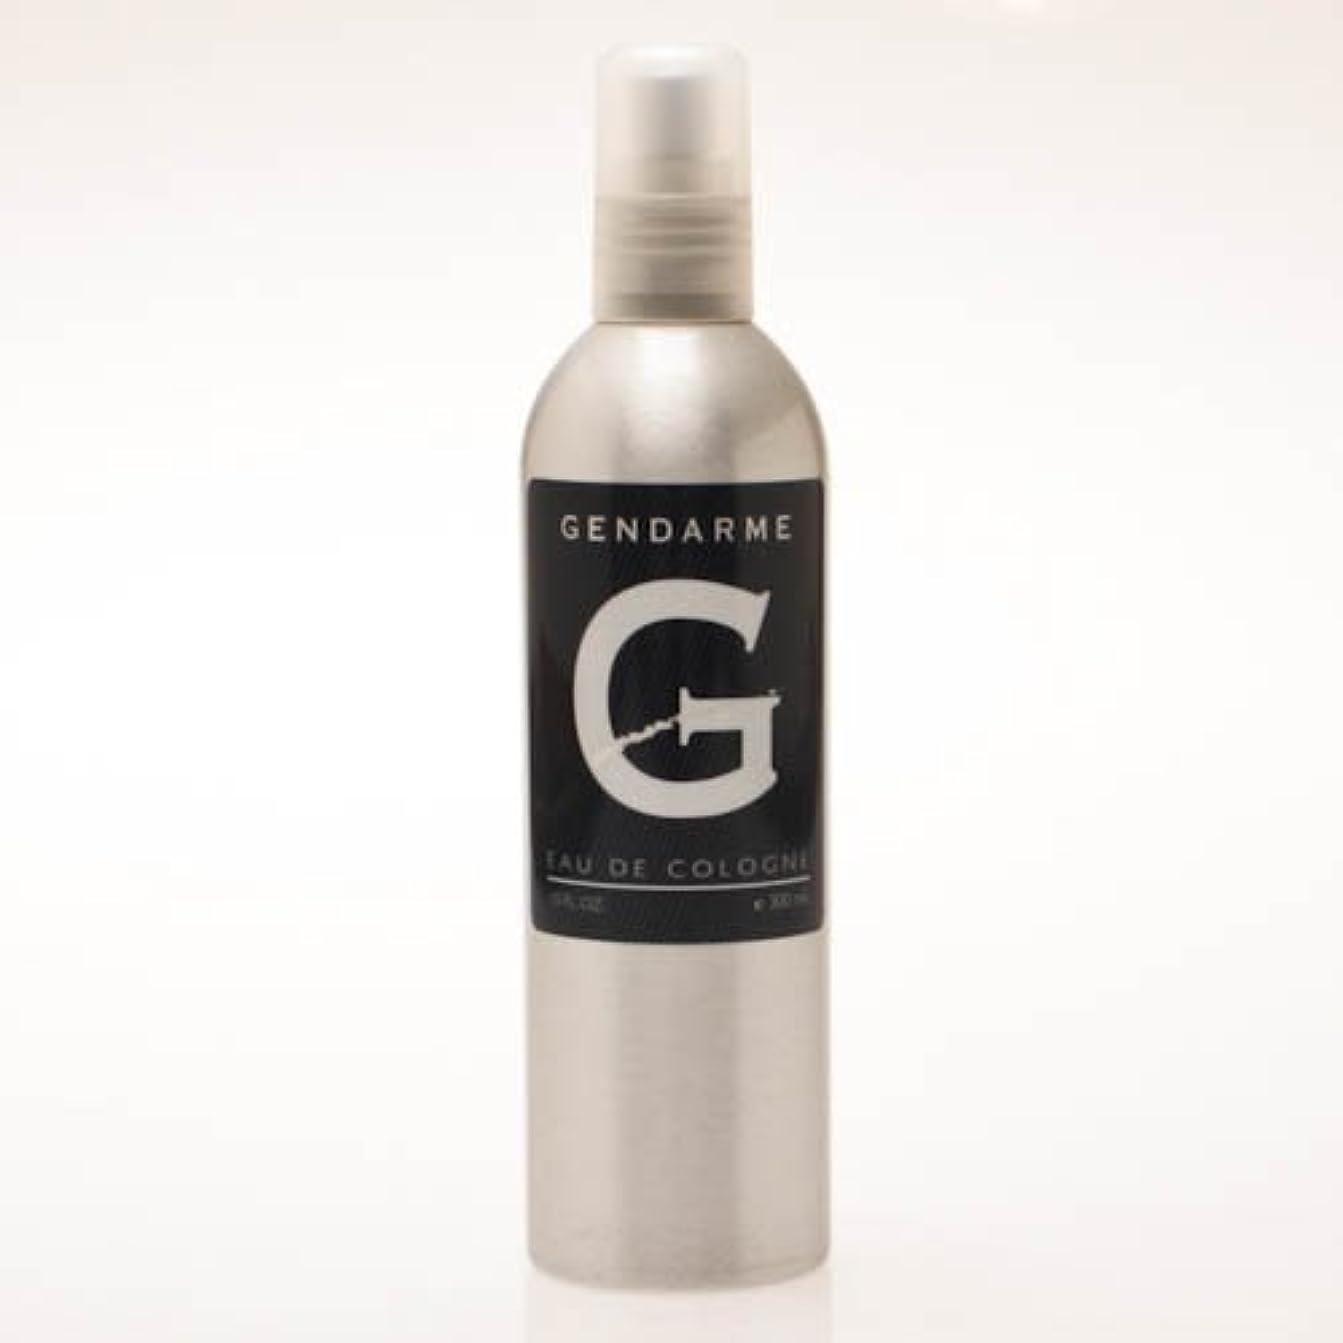 フレキシブルシュガー材料Gendarme (ゲンダーム) 10.0 oz (300ml) Cologne Spray Recharge for Men